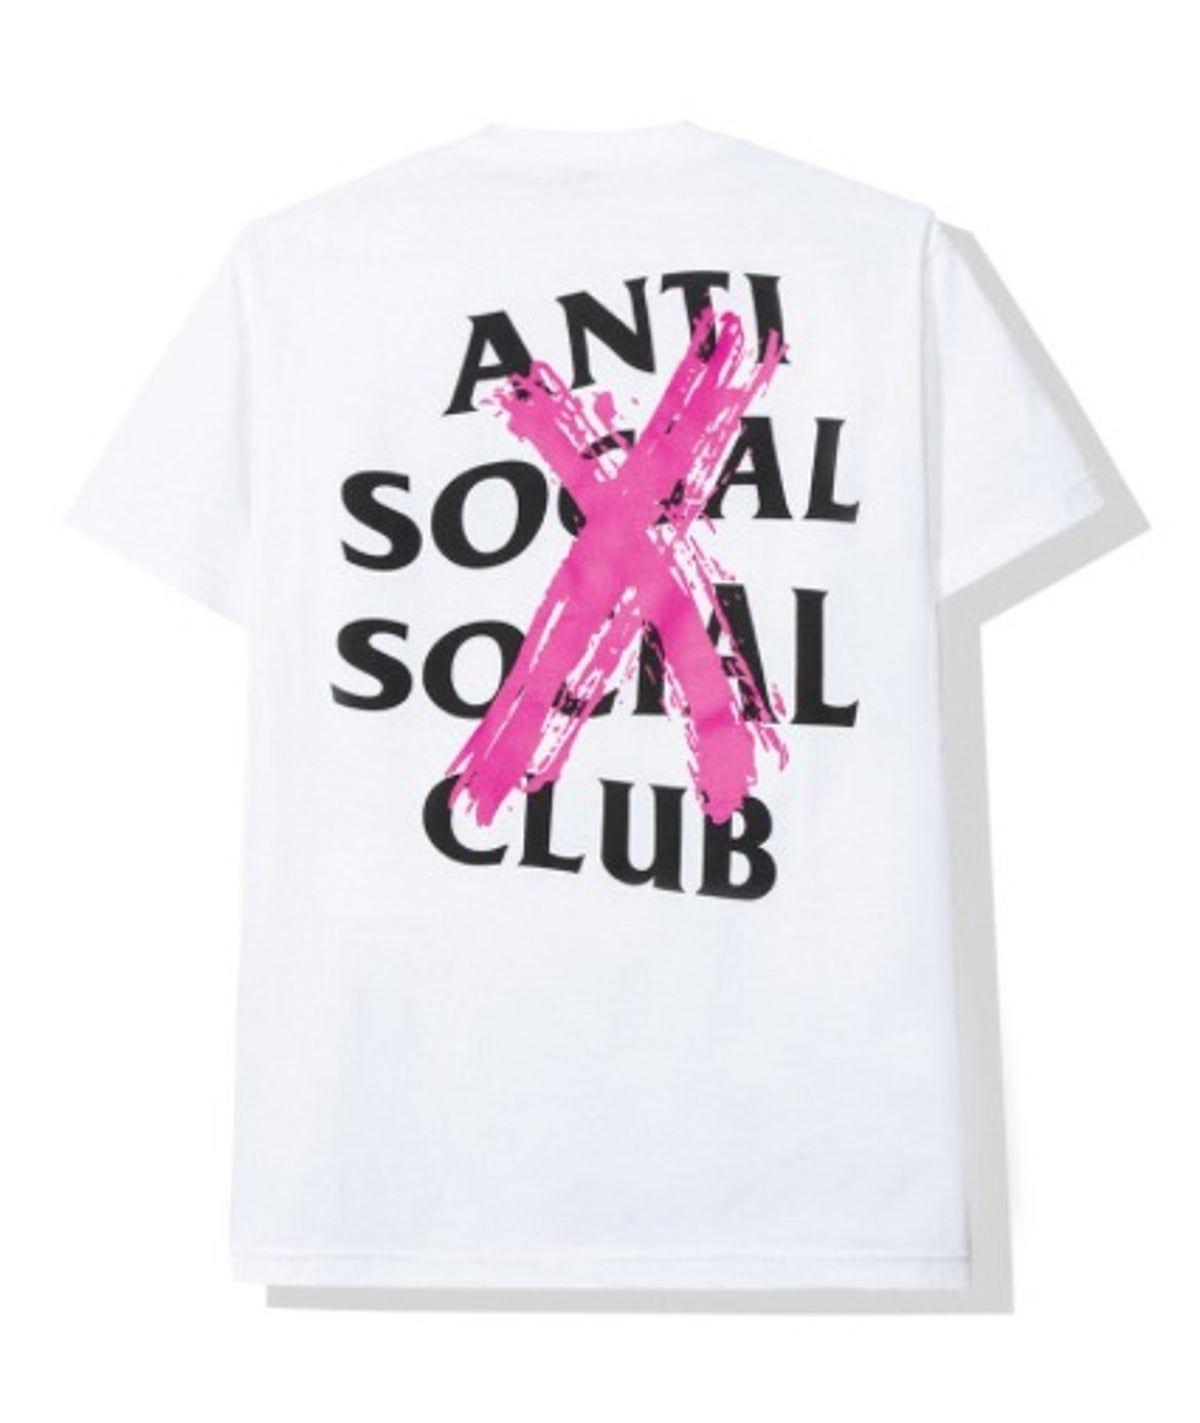 Anti Social Social Club Canceled T Shirt On Mercari Anti Social Social Club Graphic Tee Shirts Printed Shirts